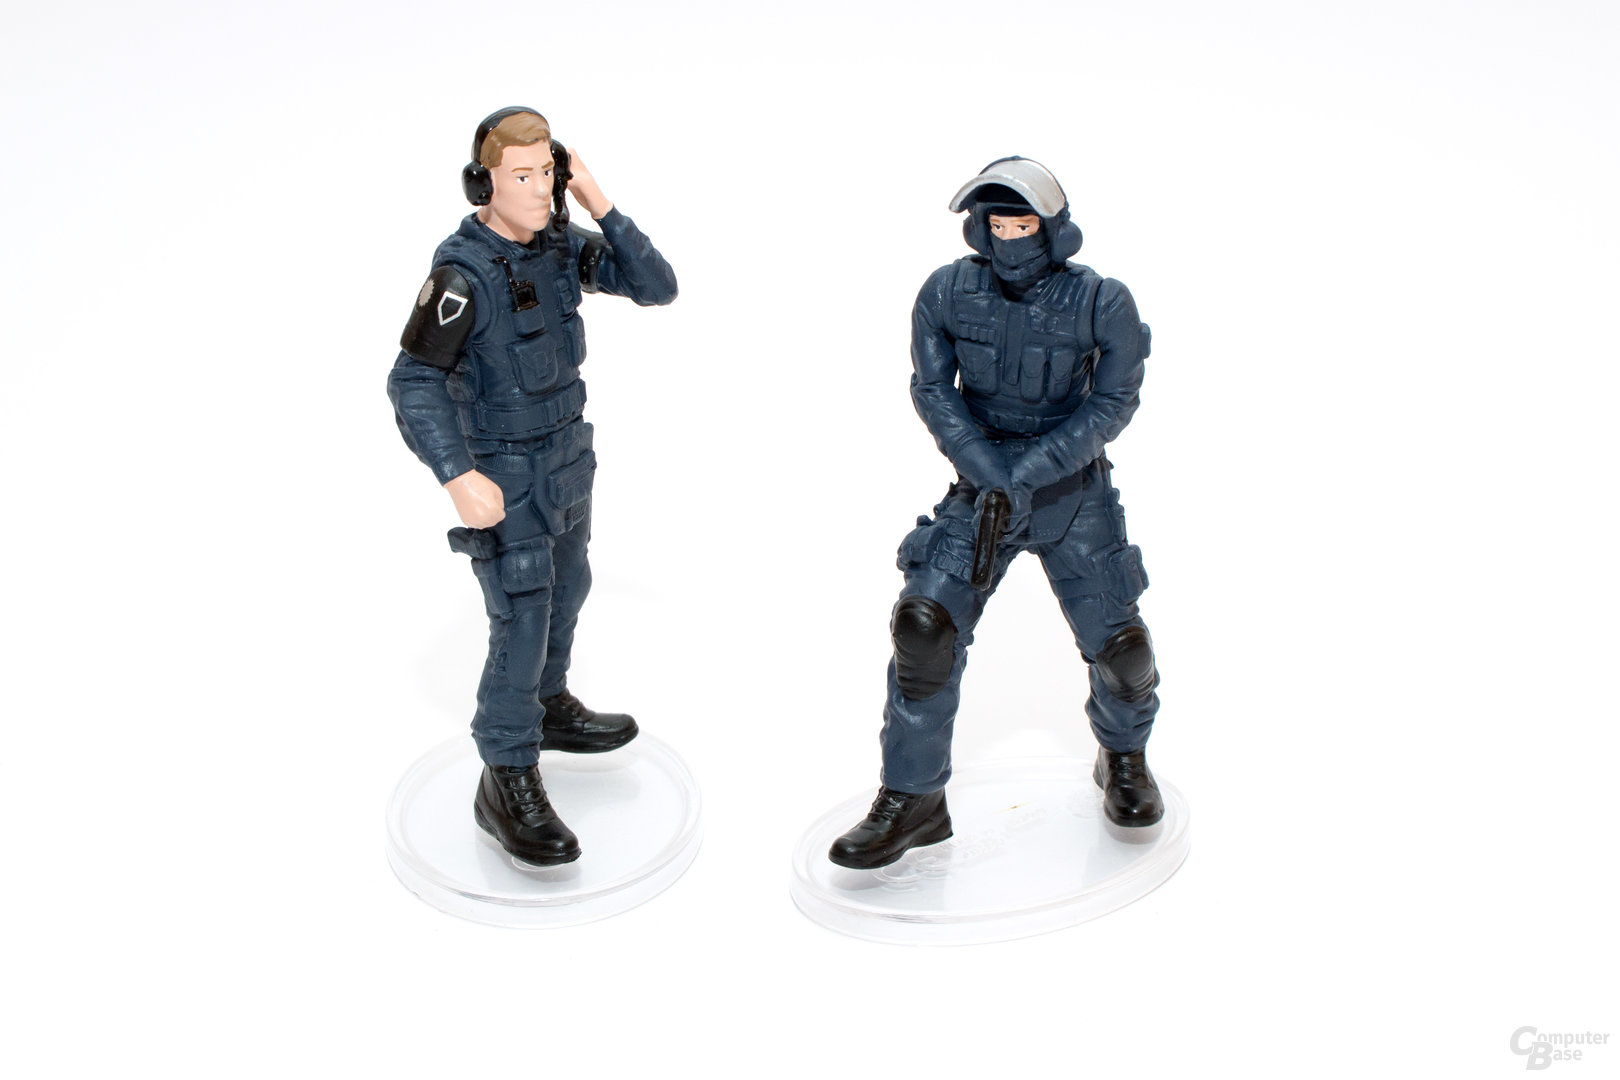 Auch bei den SEK-Beamten lässt sich nur eine Figur bewegen